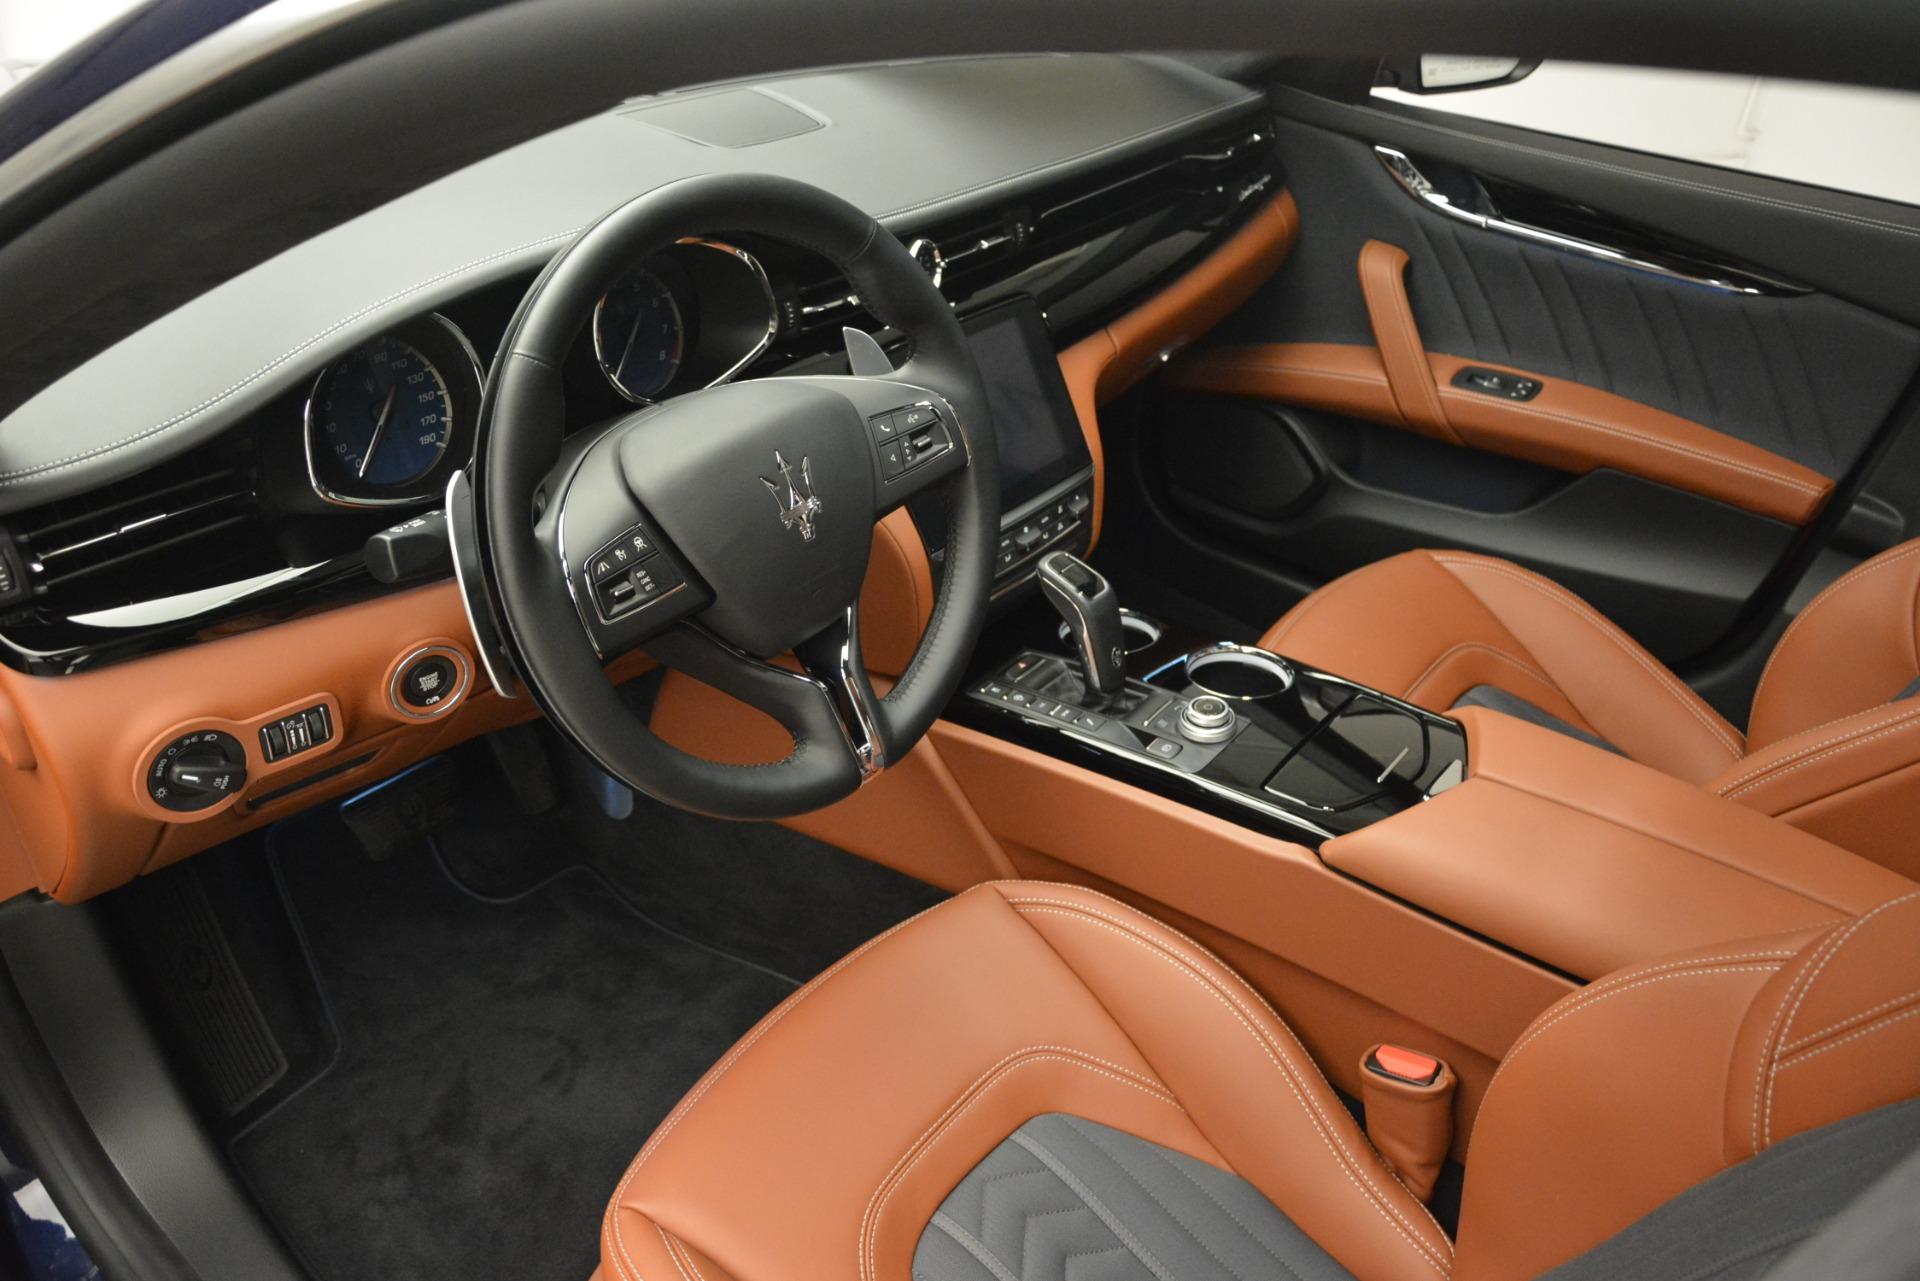 New 2019 Maserati Quattroporte S Q4 GranLusso For Sale In Westport, CT 2620_p14